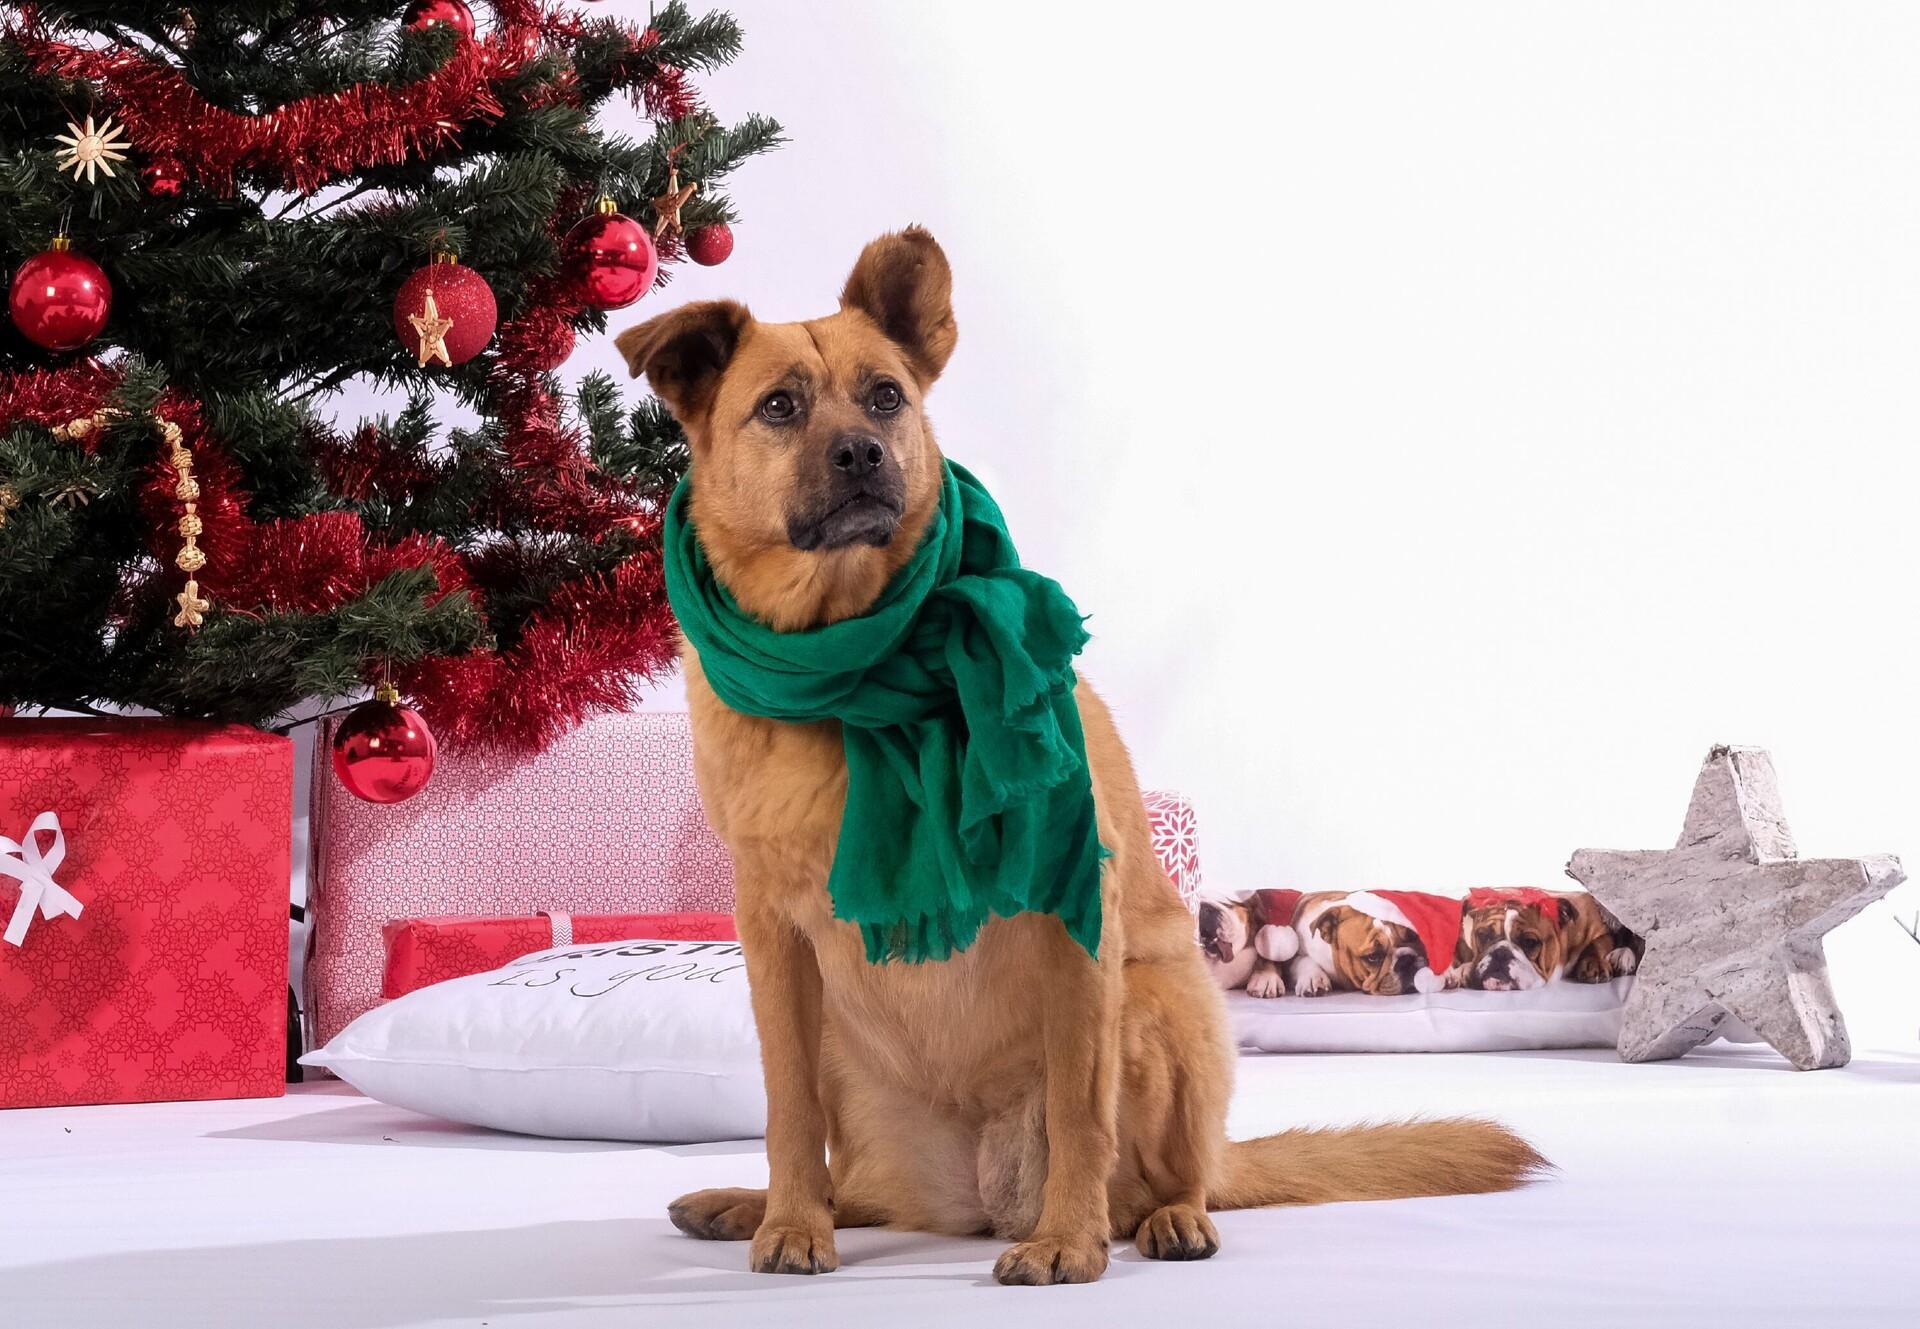 Hund sitzt vor Weihnachtsbaum